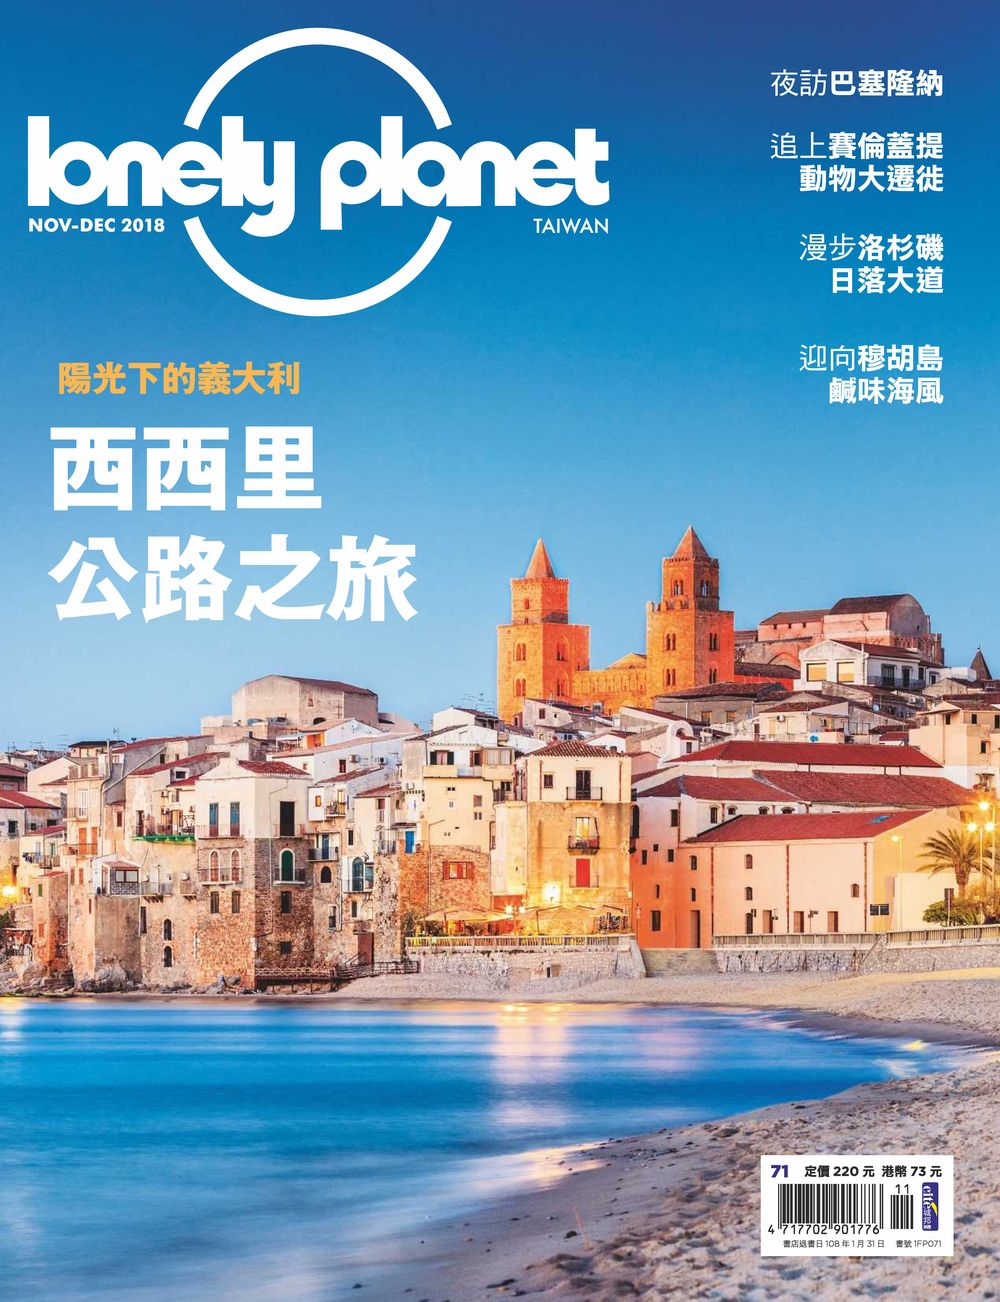 孤獨星球Lonely Planet一年6期